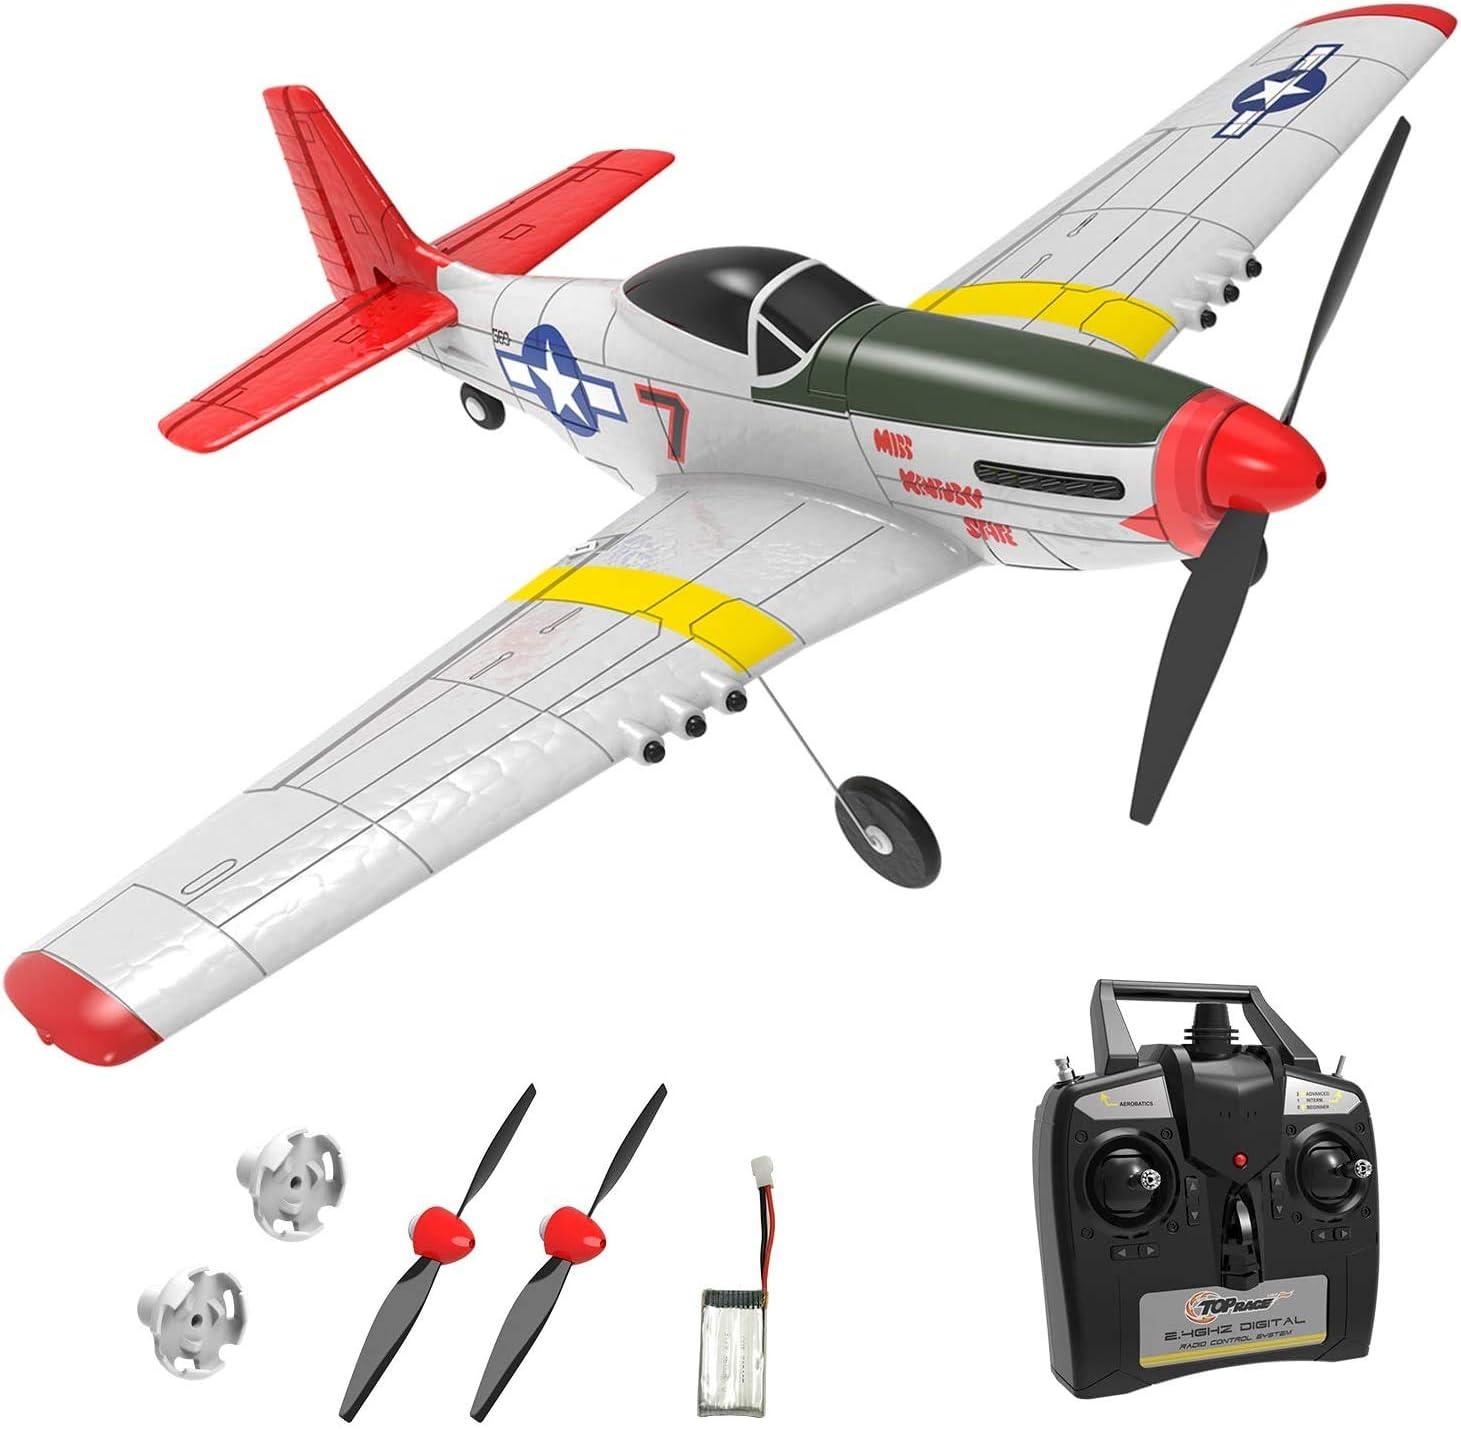 Top Race avion rc - Avión de guerra de 4 canales TR-P51 Mustang, aviones de juguete